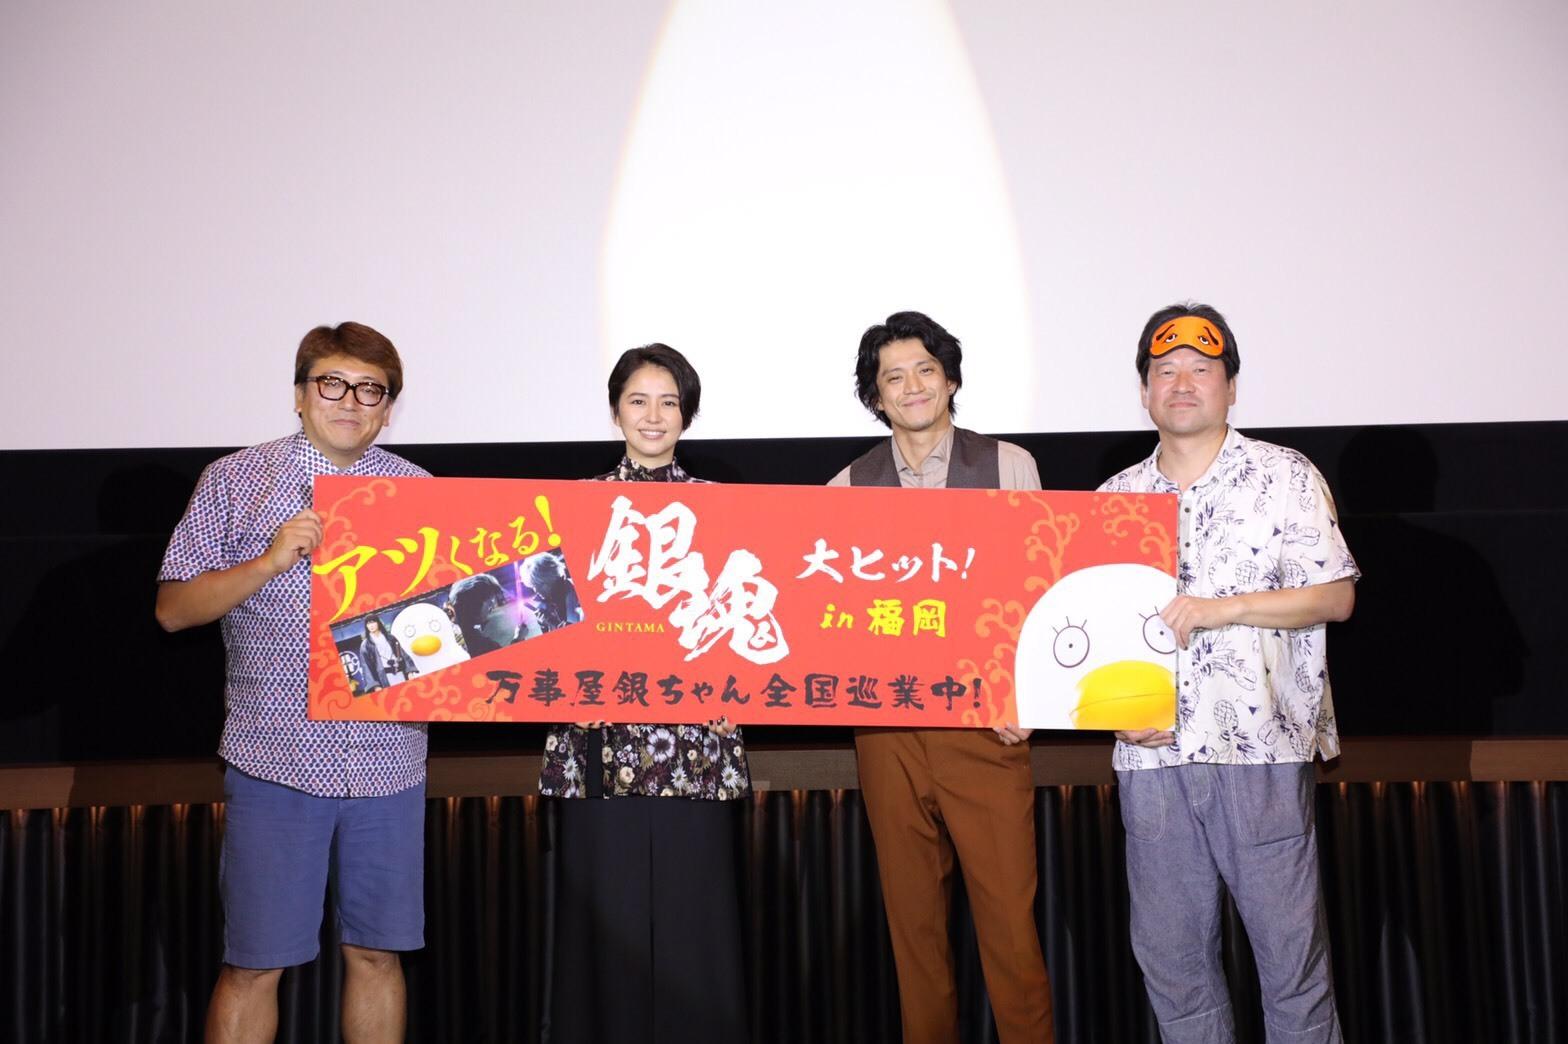 左から、福田雄一監督、長澤まさみ、小栗旬、佐藤二朗 『銀魂』福岡舞台あいさつ